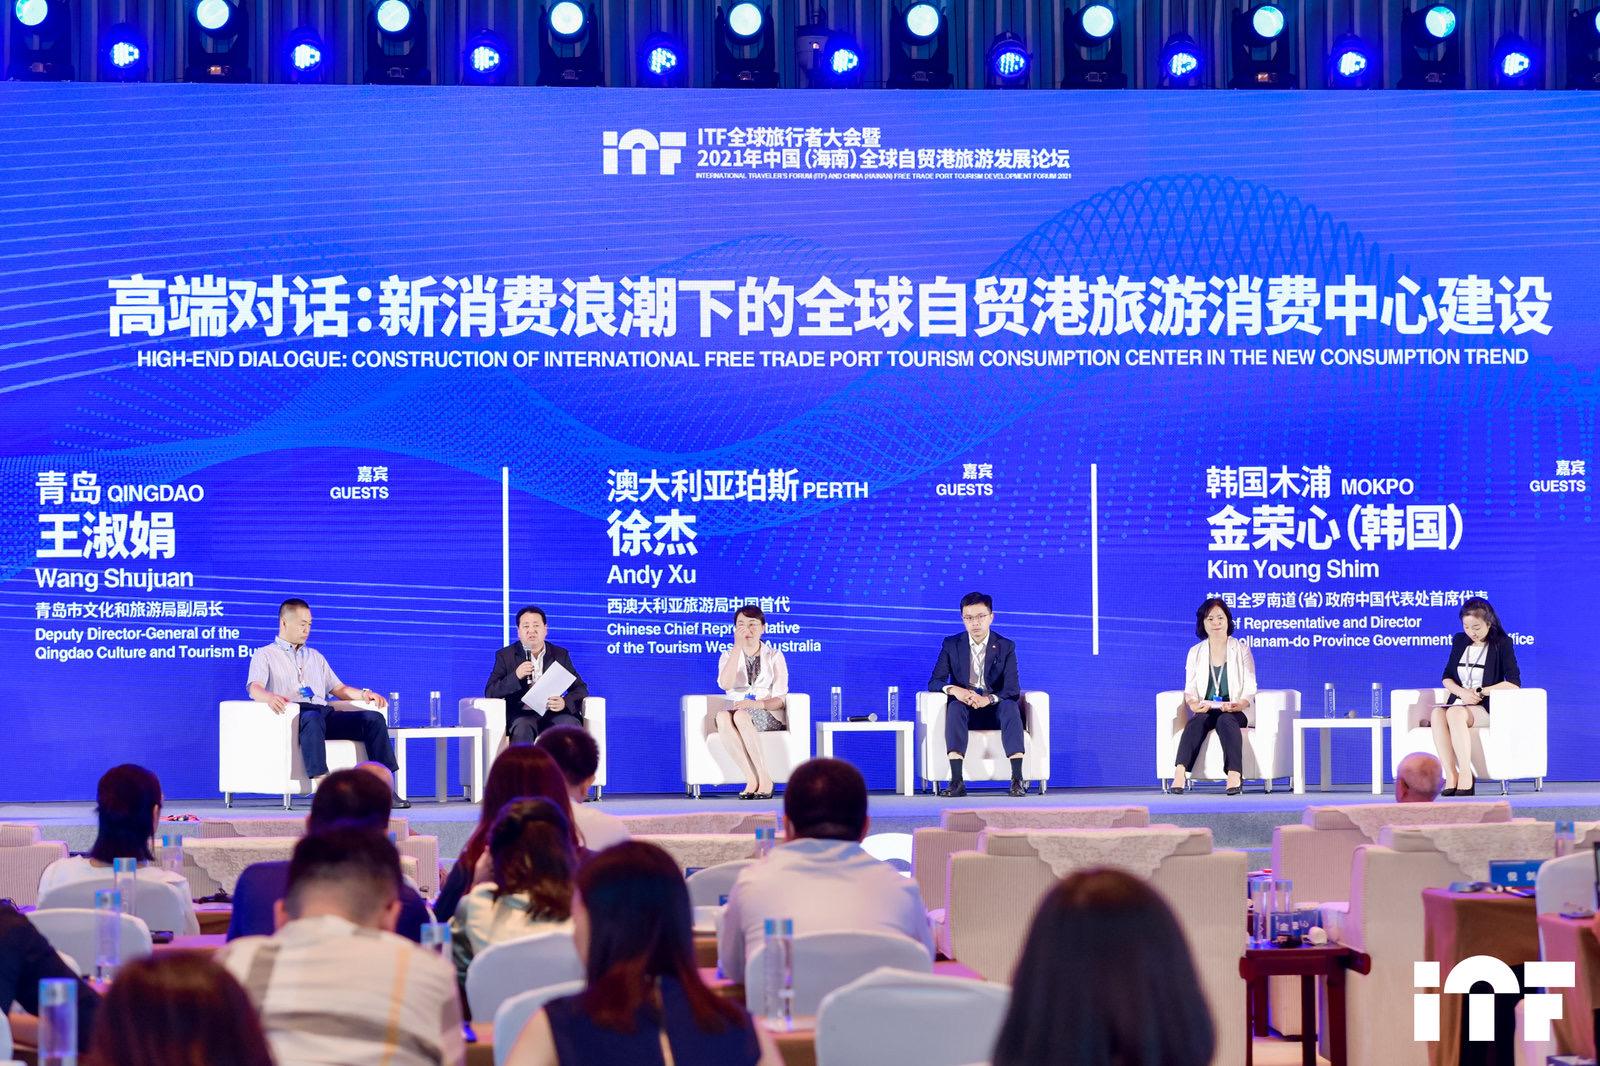 021年中国(海南)全球自贸港旅游发展论坛顺利举办